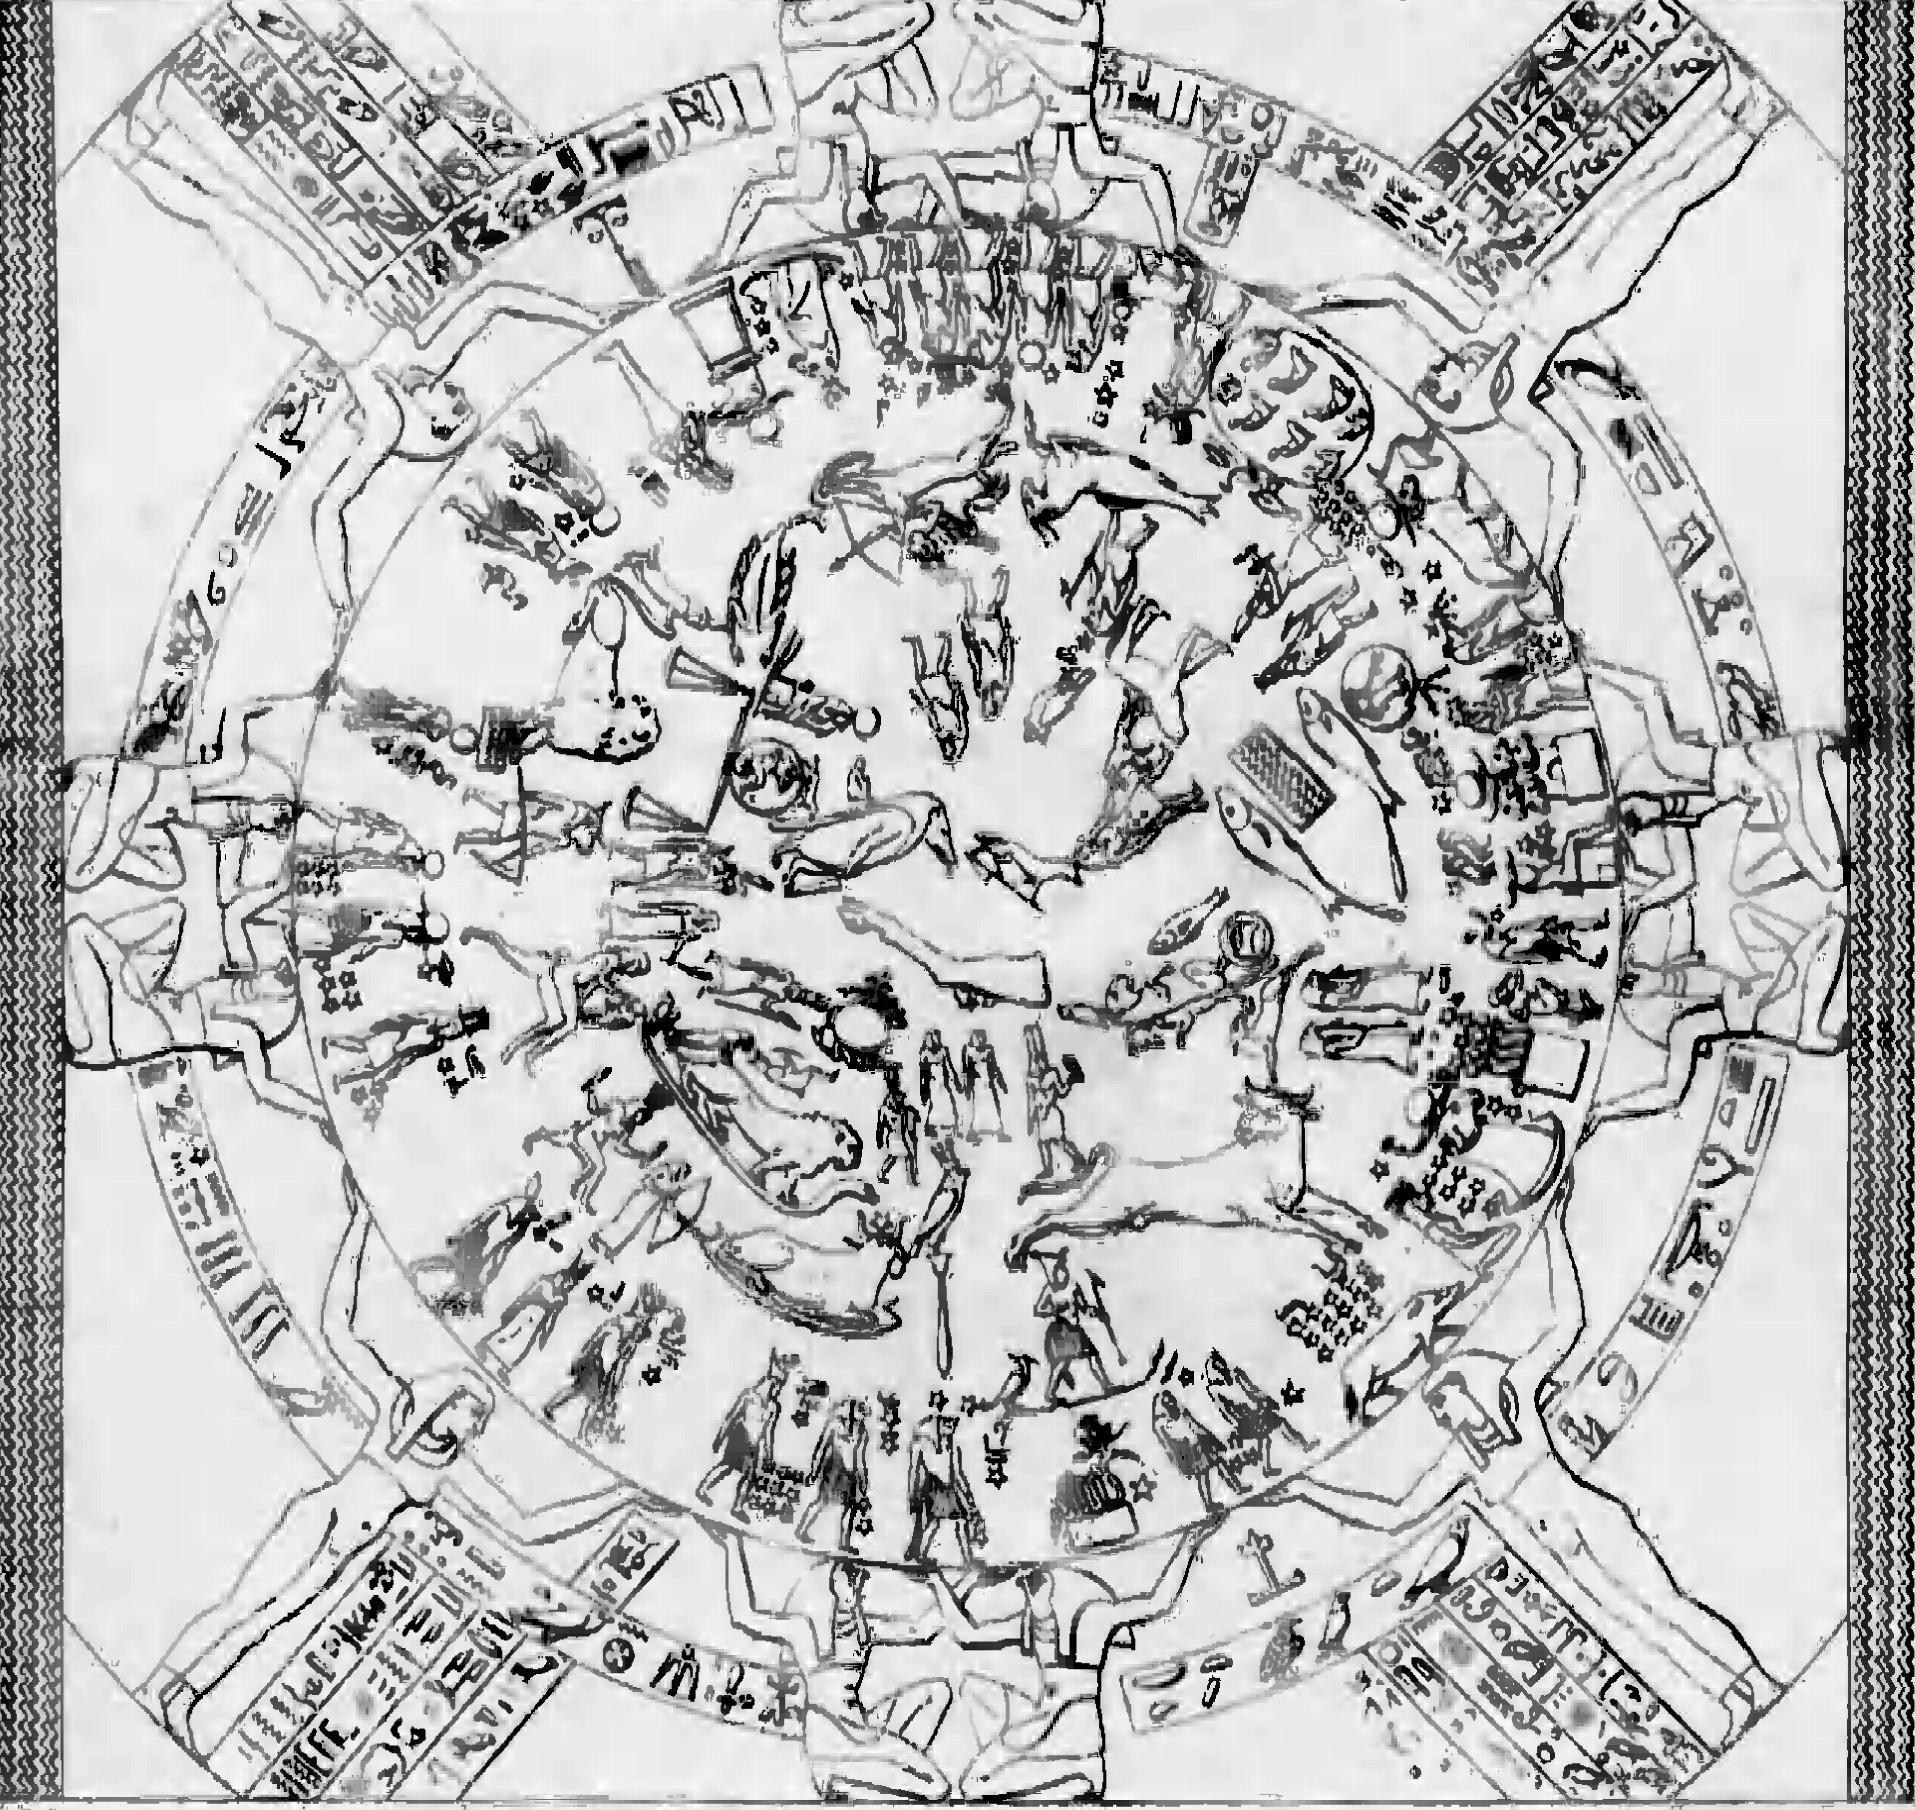 Zodiacul, în Egyptian Mythology A to Z, p. 221